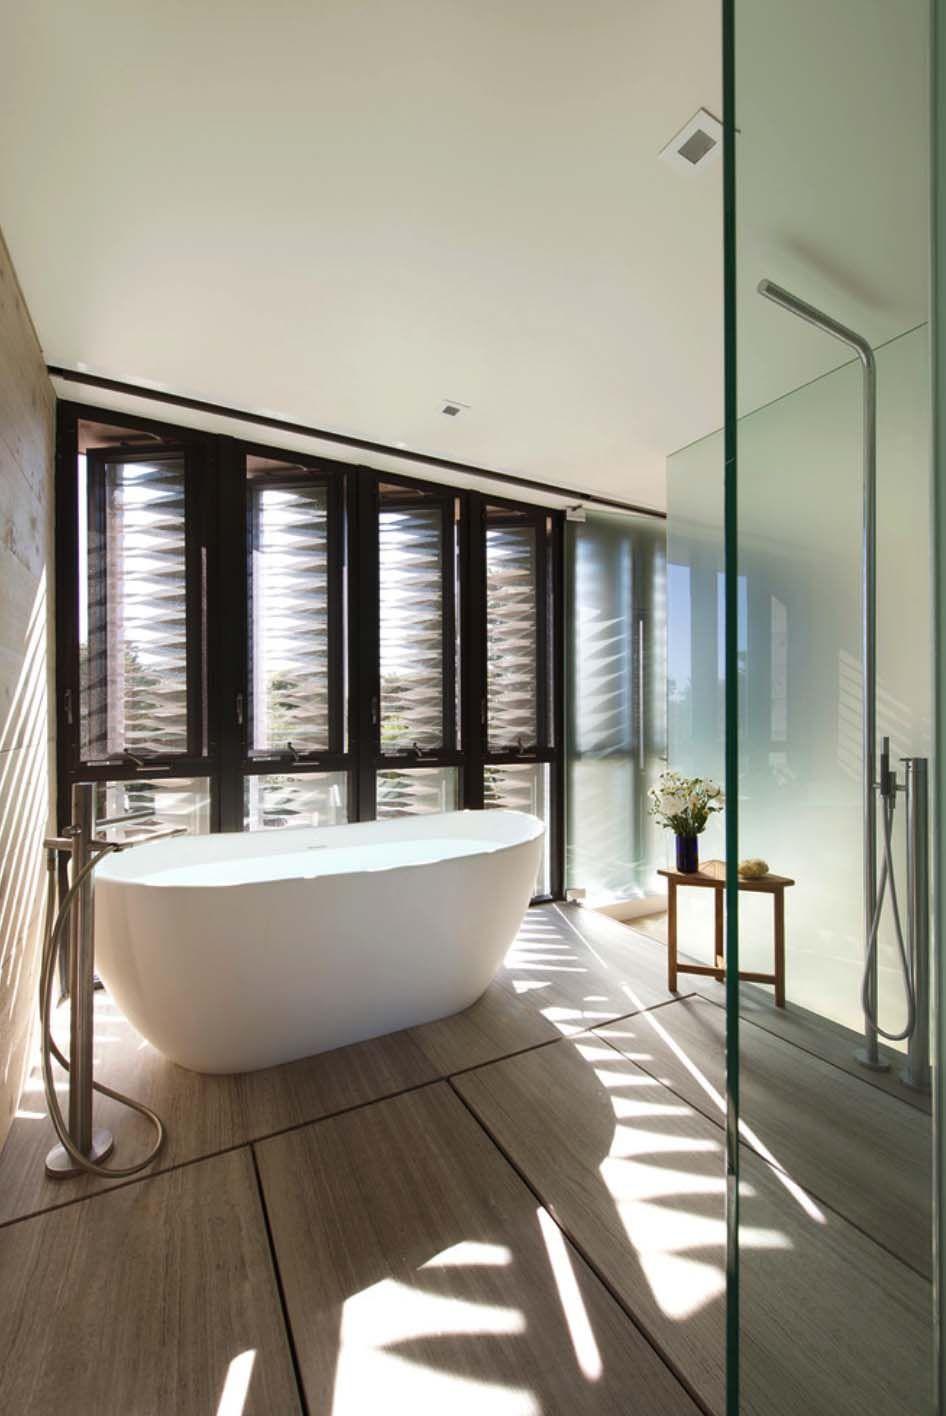 Wohndesign interieur badezimmer modernes sommerhaus in den dünen von amagansett  die architektur